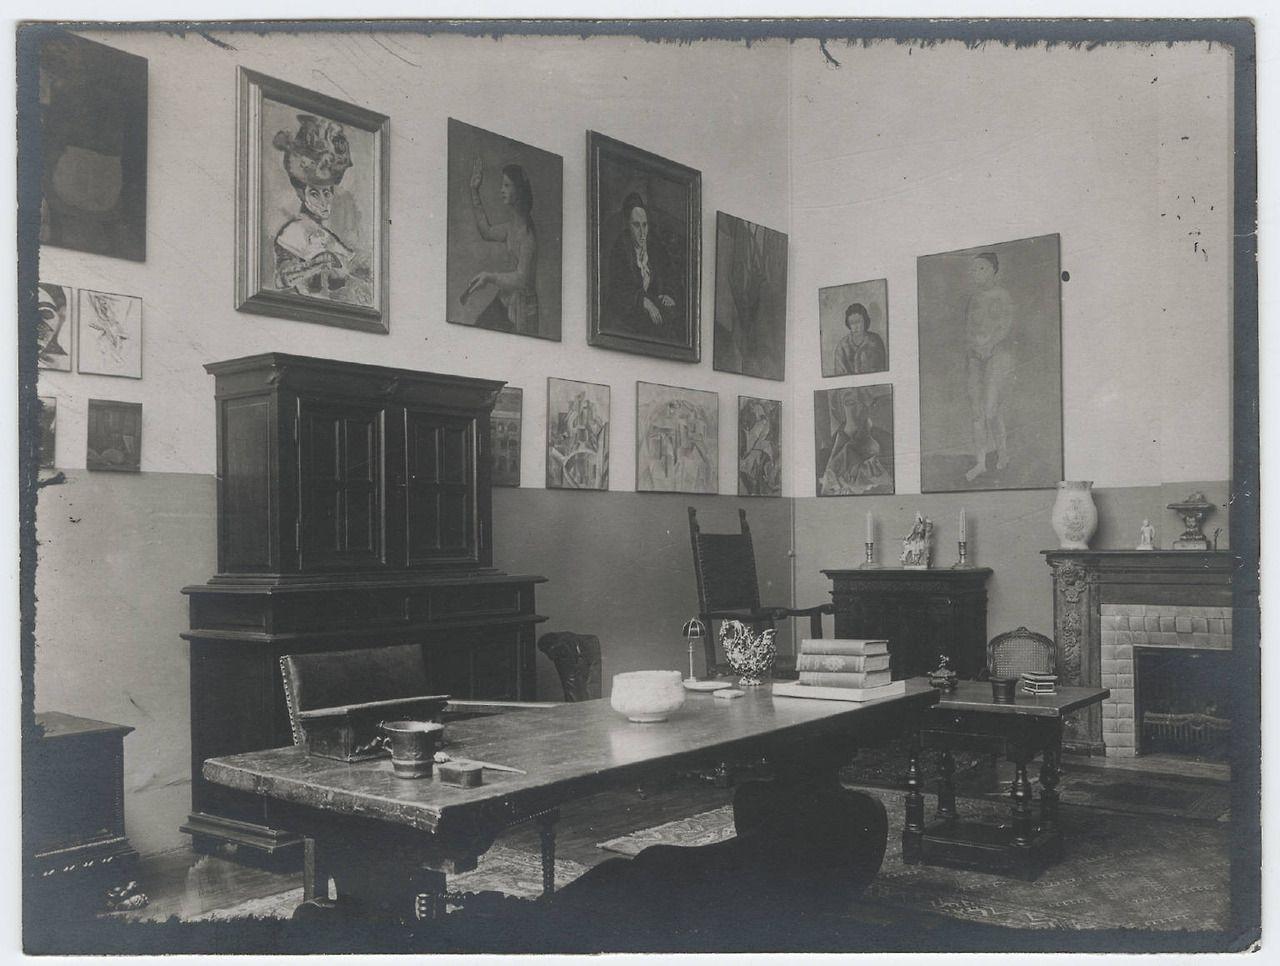 Gertrude Stein Apartment 27 Rue De Fleurus Paris 1920 Places 1920s Vintage